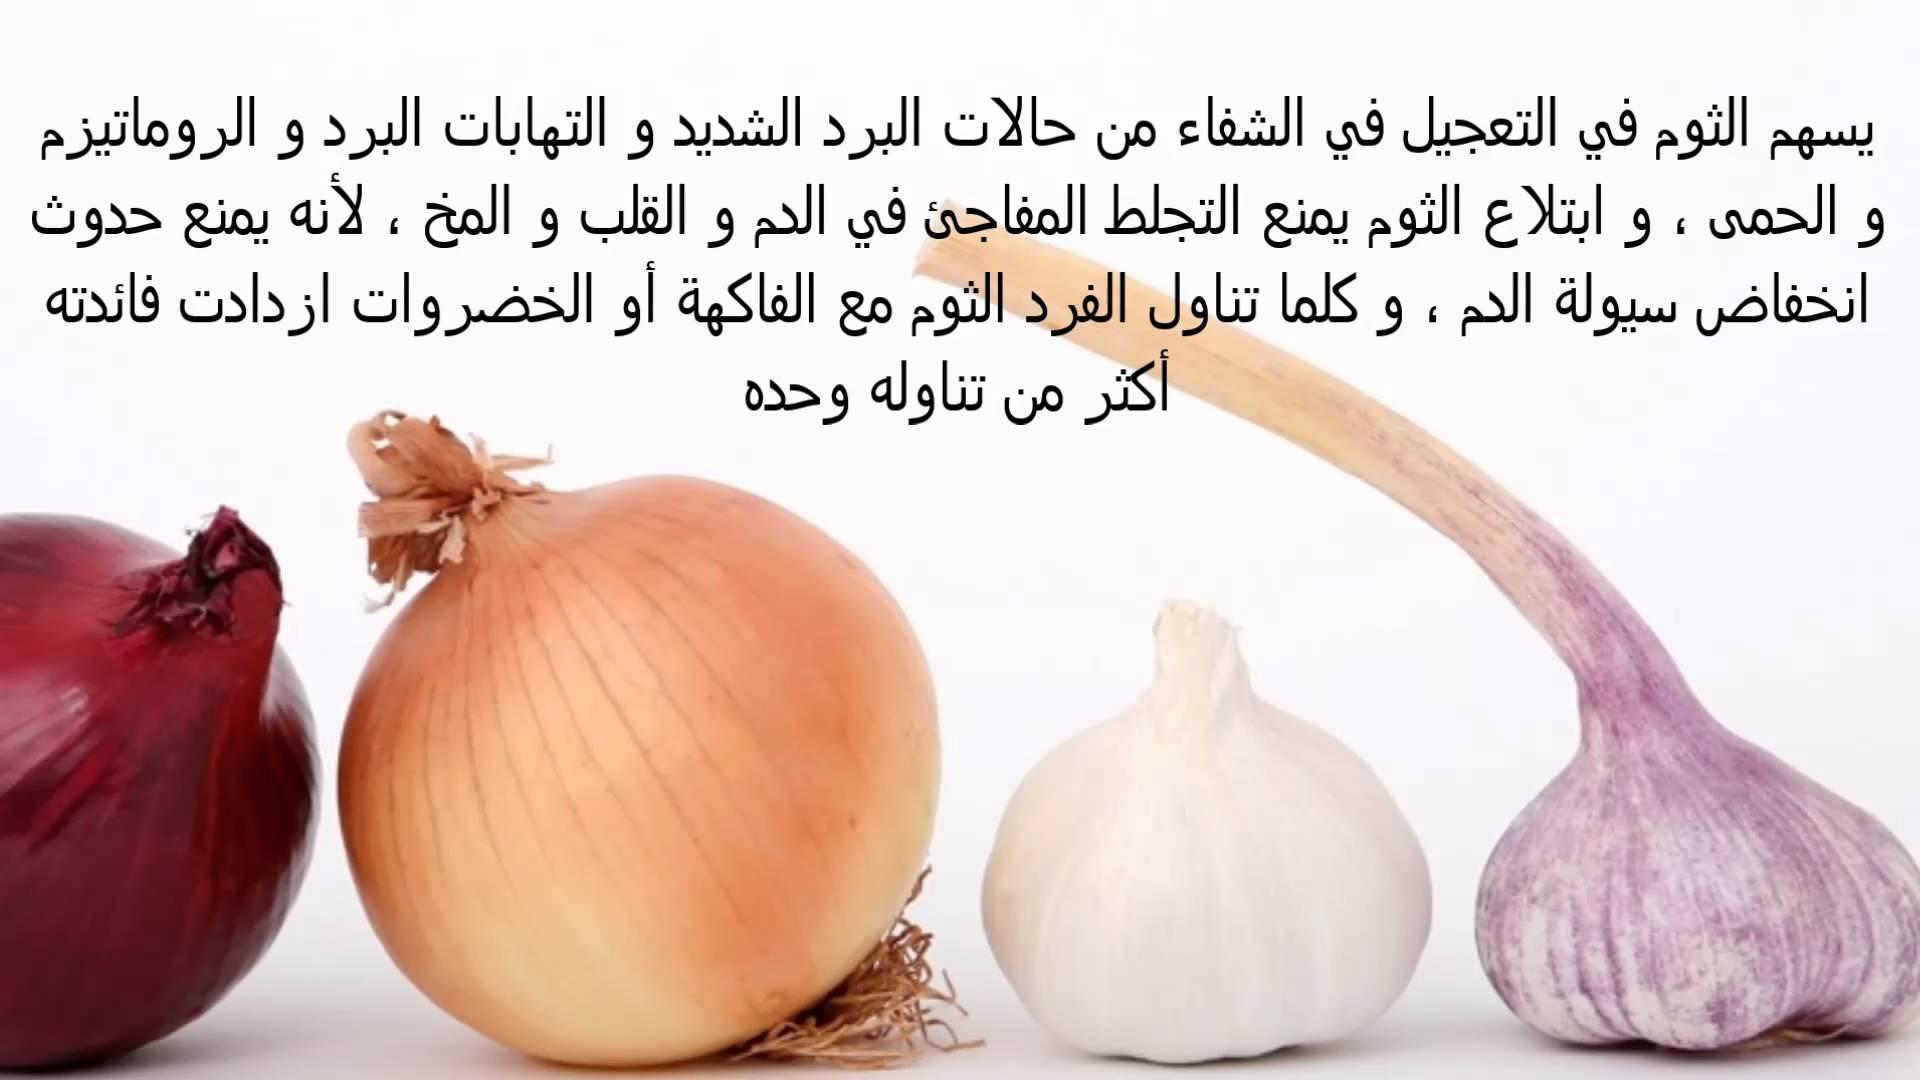 بالصور فوائد الثوم للجسم , مزايا الثوم للبشرة والشعر 129